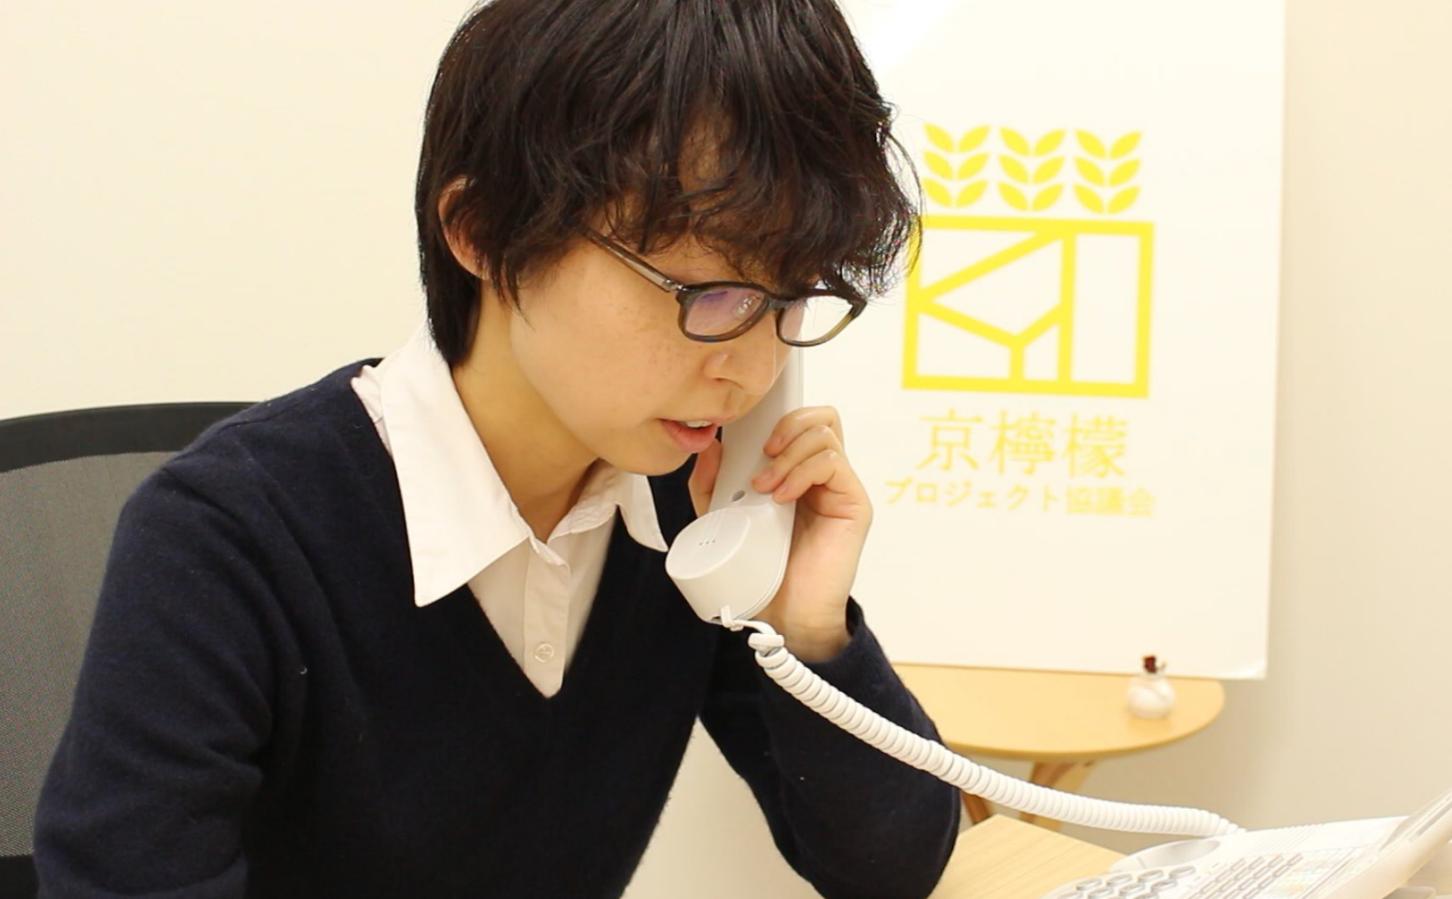 京檸檬プロジェクト協議会がTOKYOFM様「あぐりずむ」で放送されました。